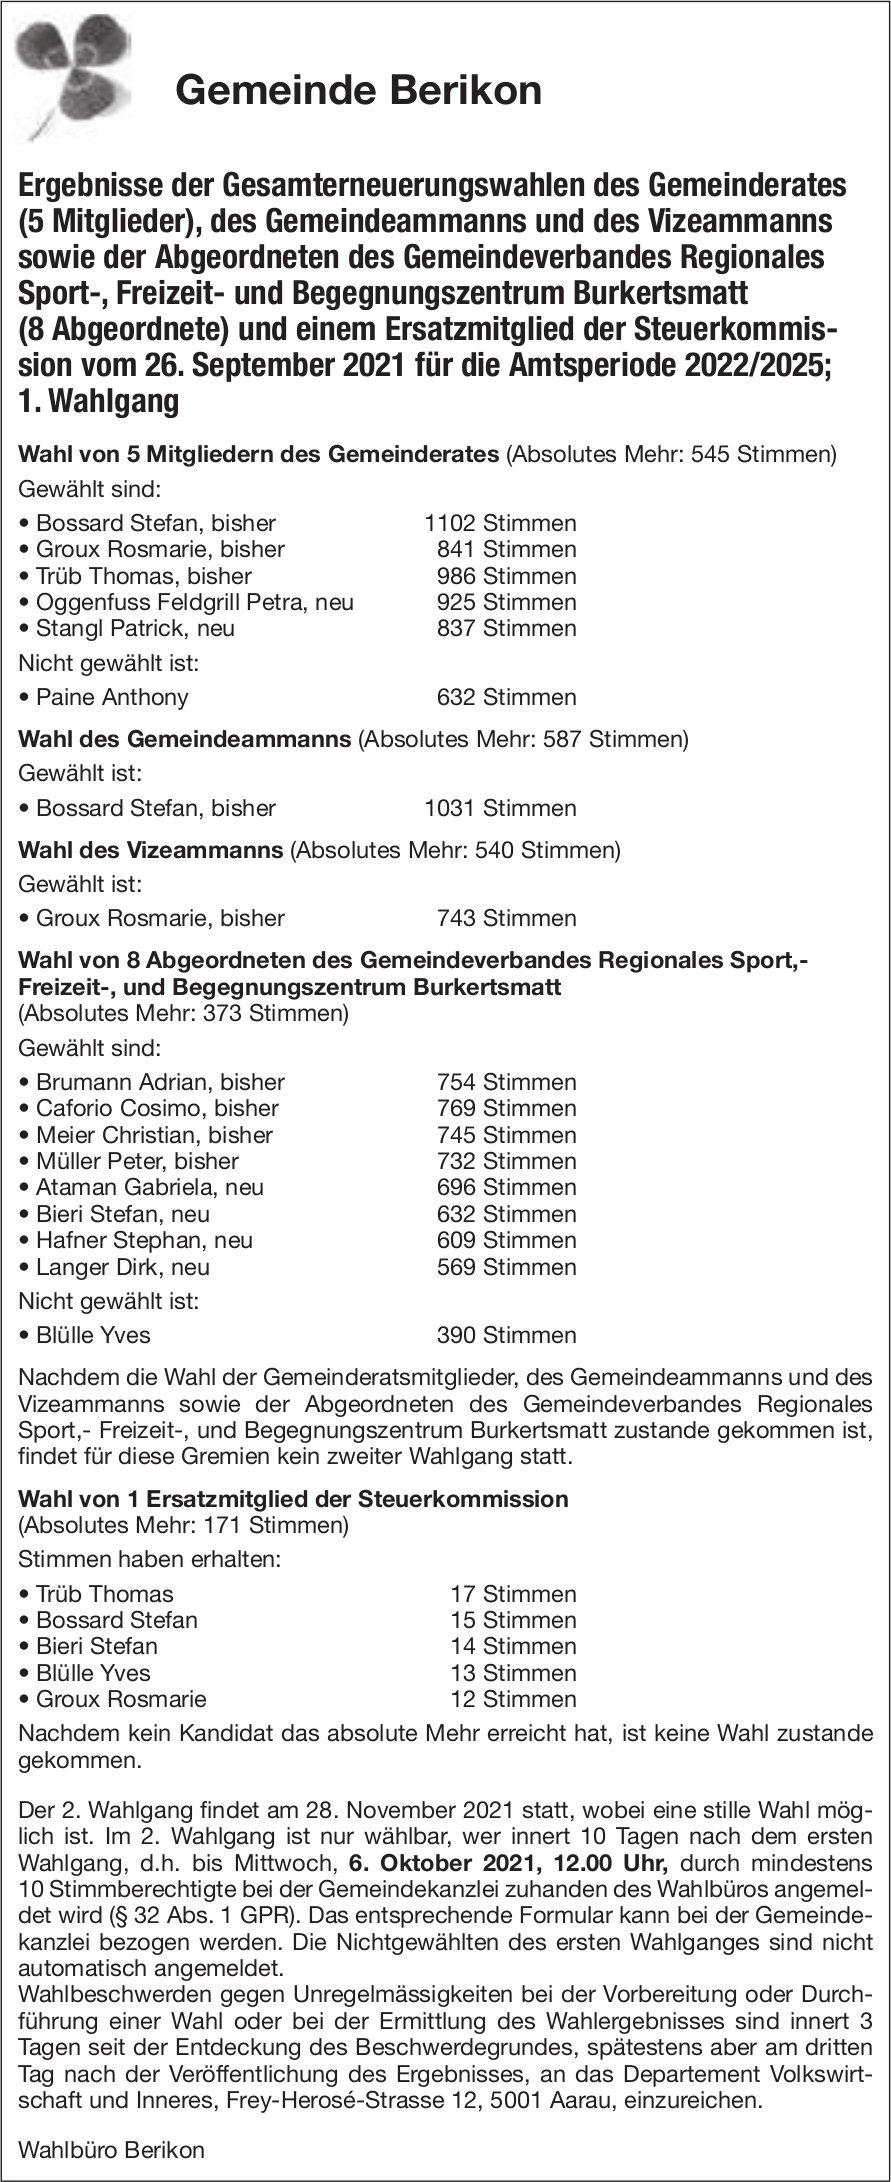 Gemeinde, Berikon - Ergebnisse der Gesamterneuerungswahlen...